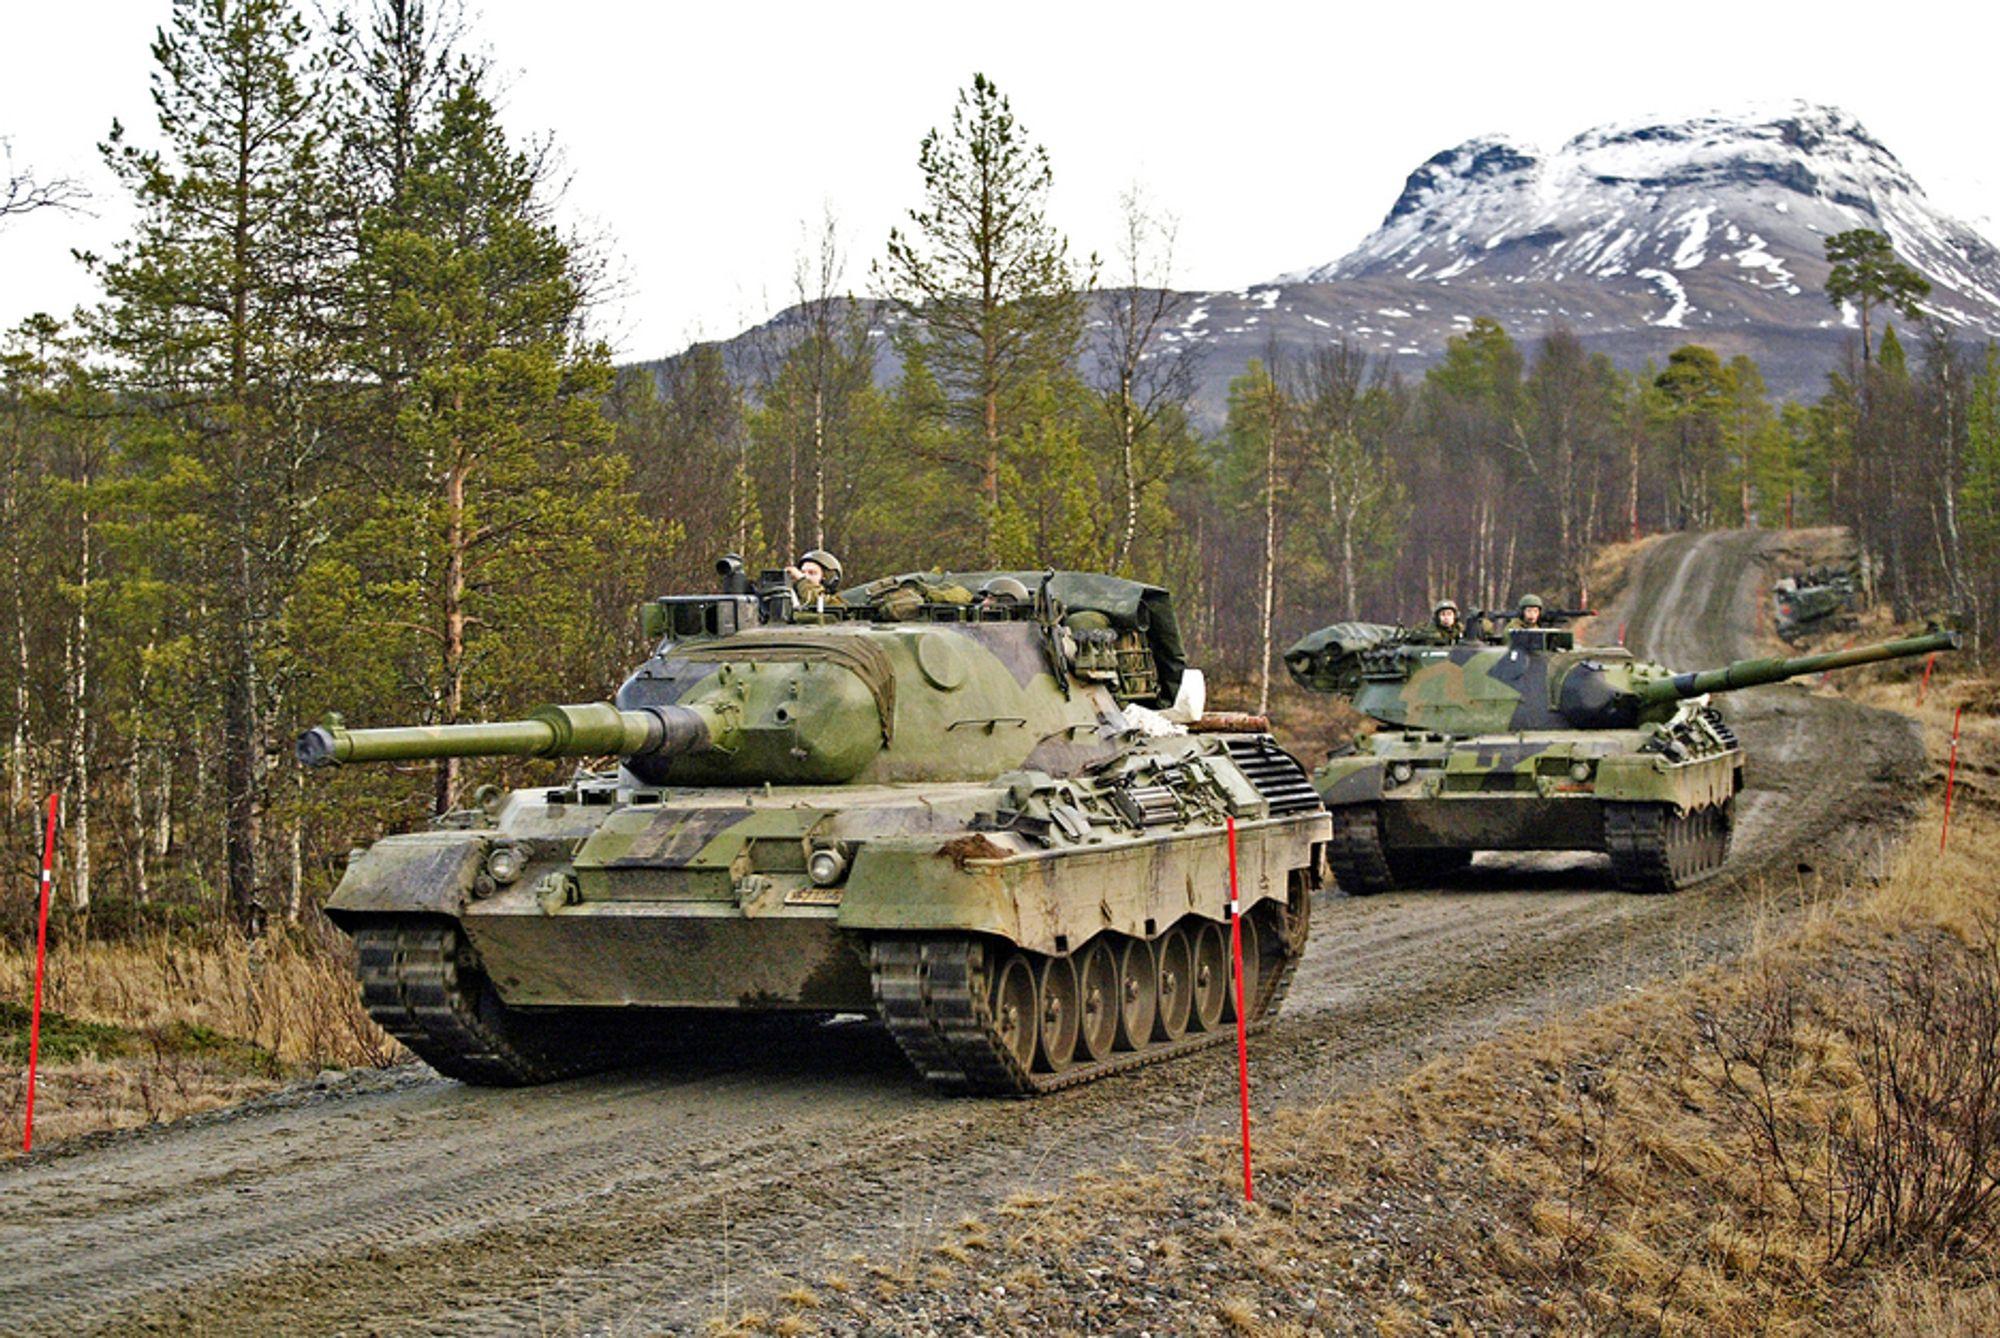 Disse kjøretøyene kunne bilistene risikert å møte på veg over E 6, men det slipper de. En bru skal føre forbindelsesvegen mellom Blåtind og Mauken over E 6. Den blir trolig bygd av Skanska.